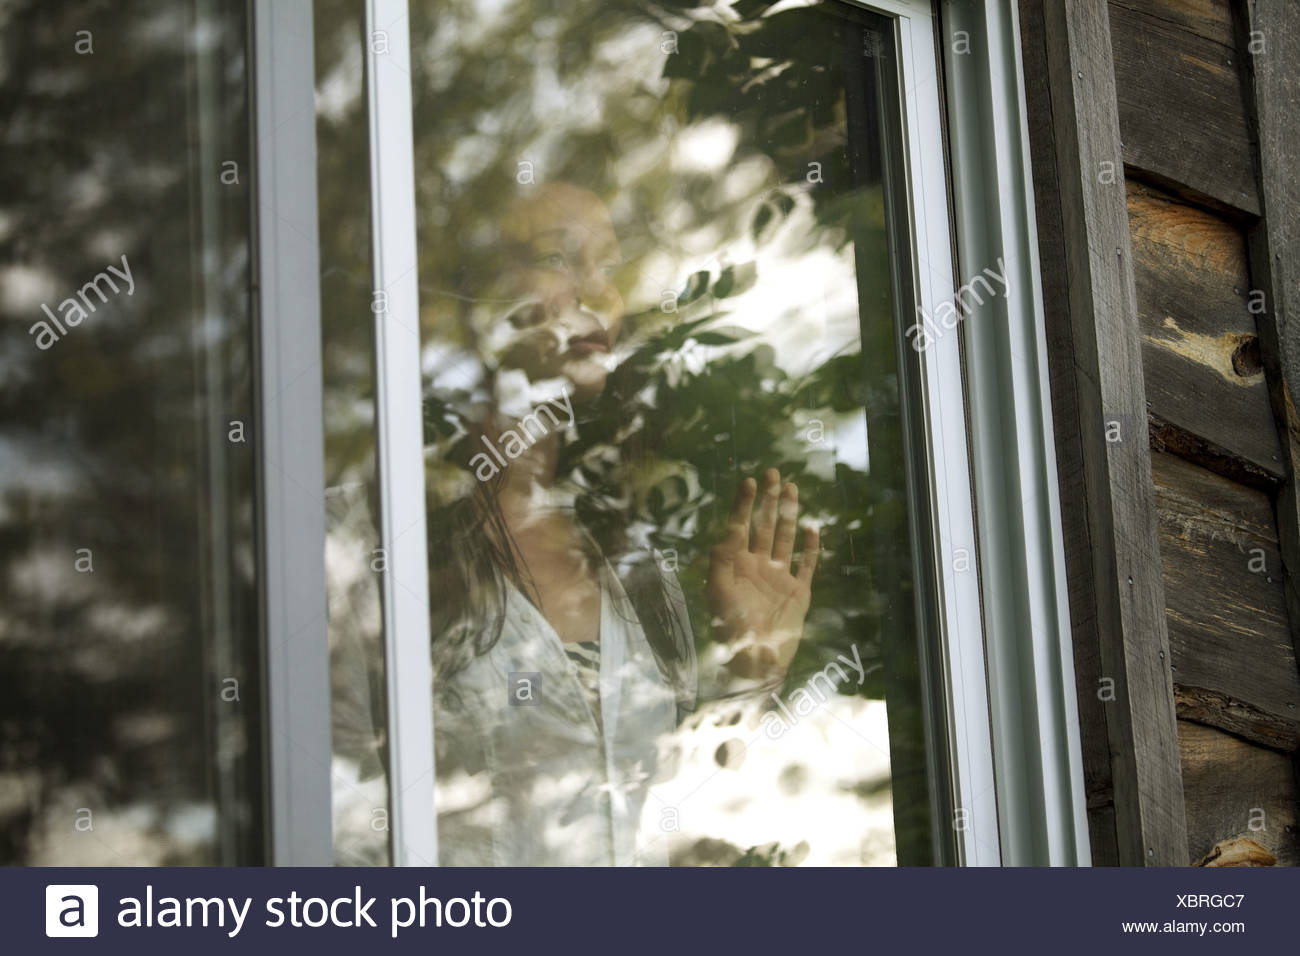 Teenage girl looking through window - Stock Image